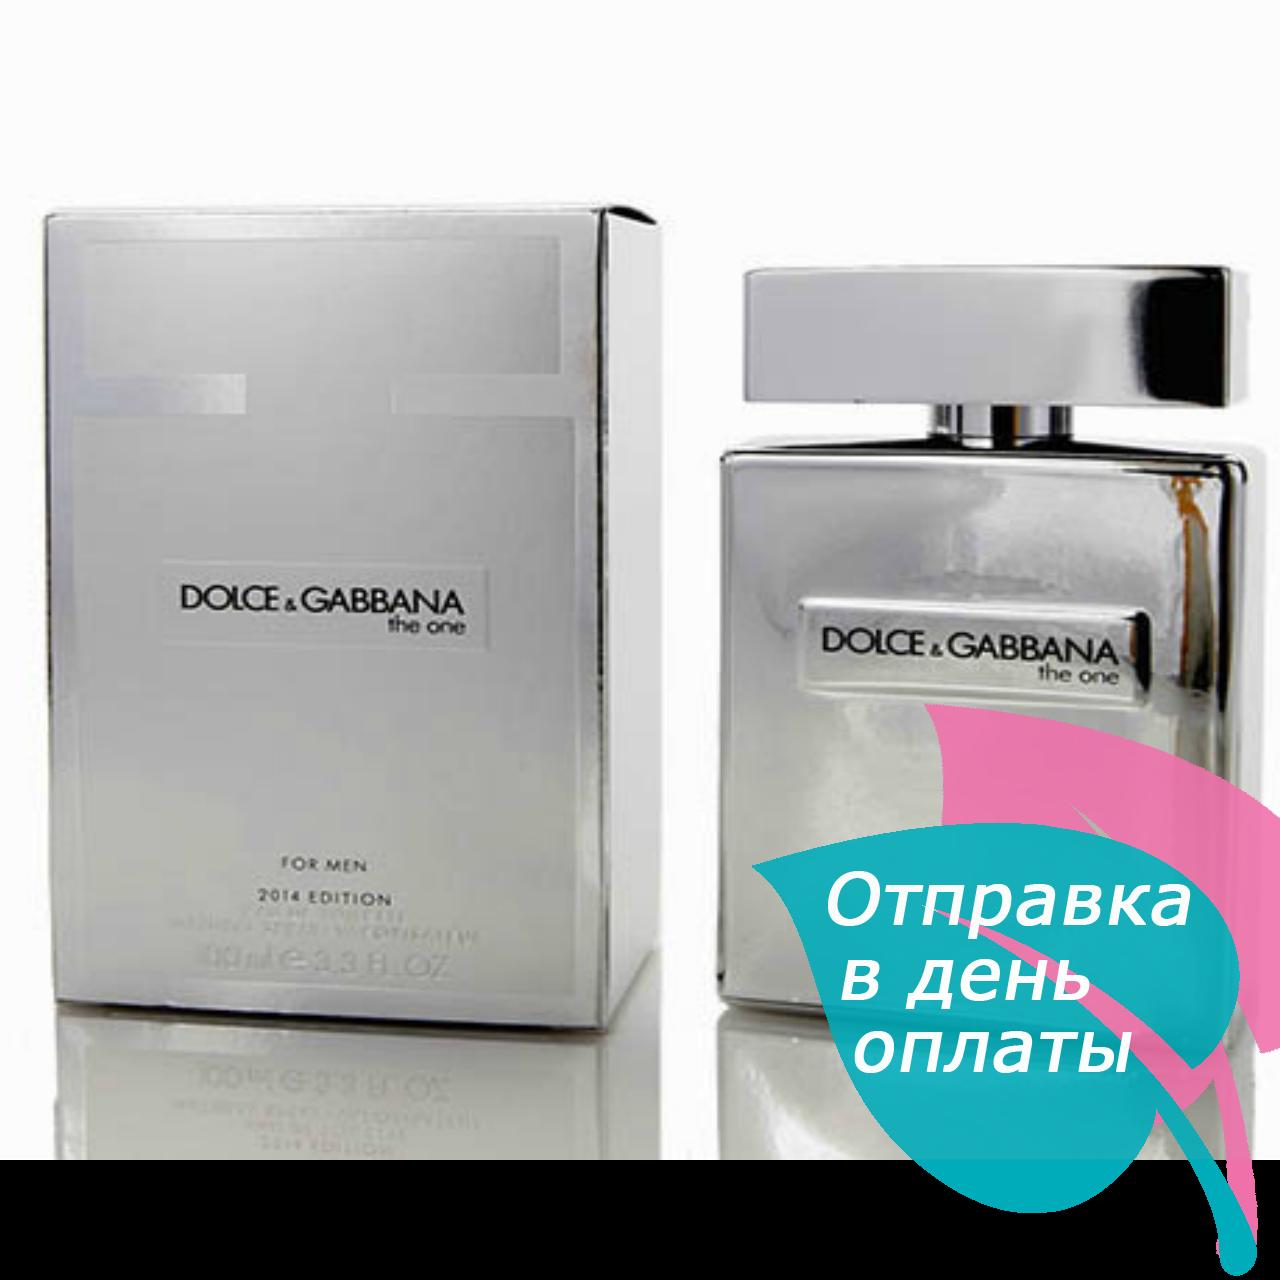 Мужская туалетная вода Dolce & Gabbana The One 2014 Edition (Дольче Габана Зе Ван 2014 Эдишн)